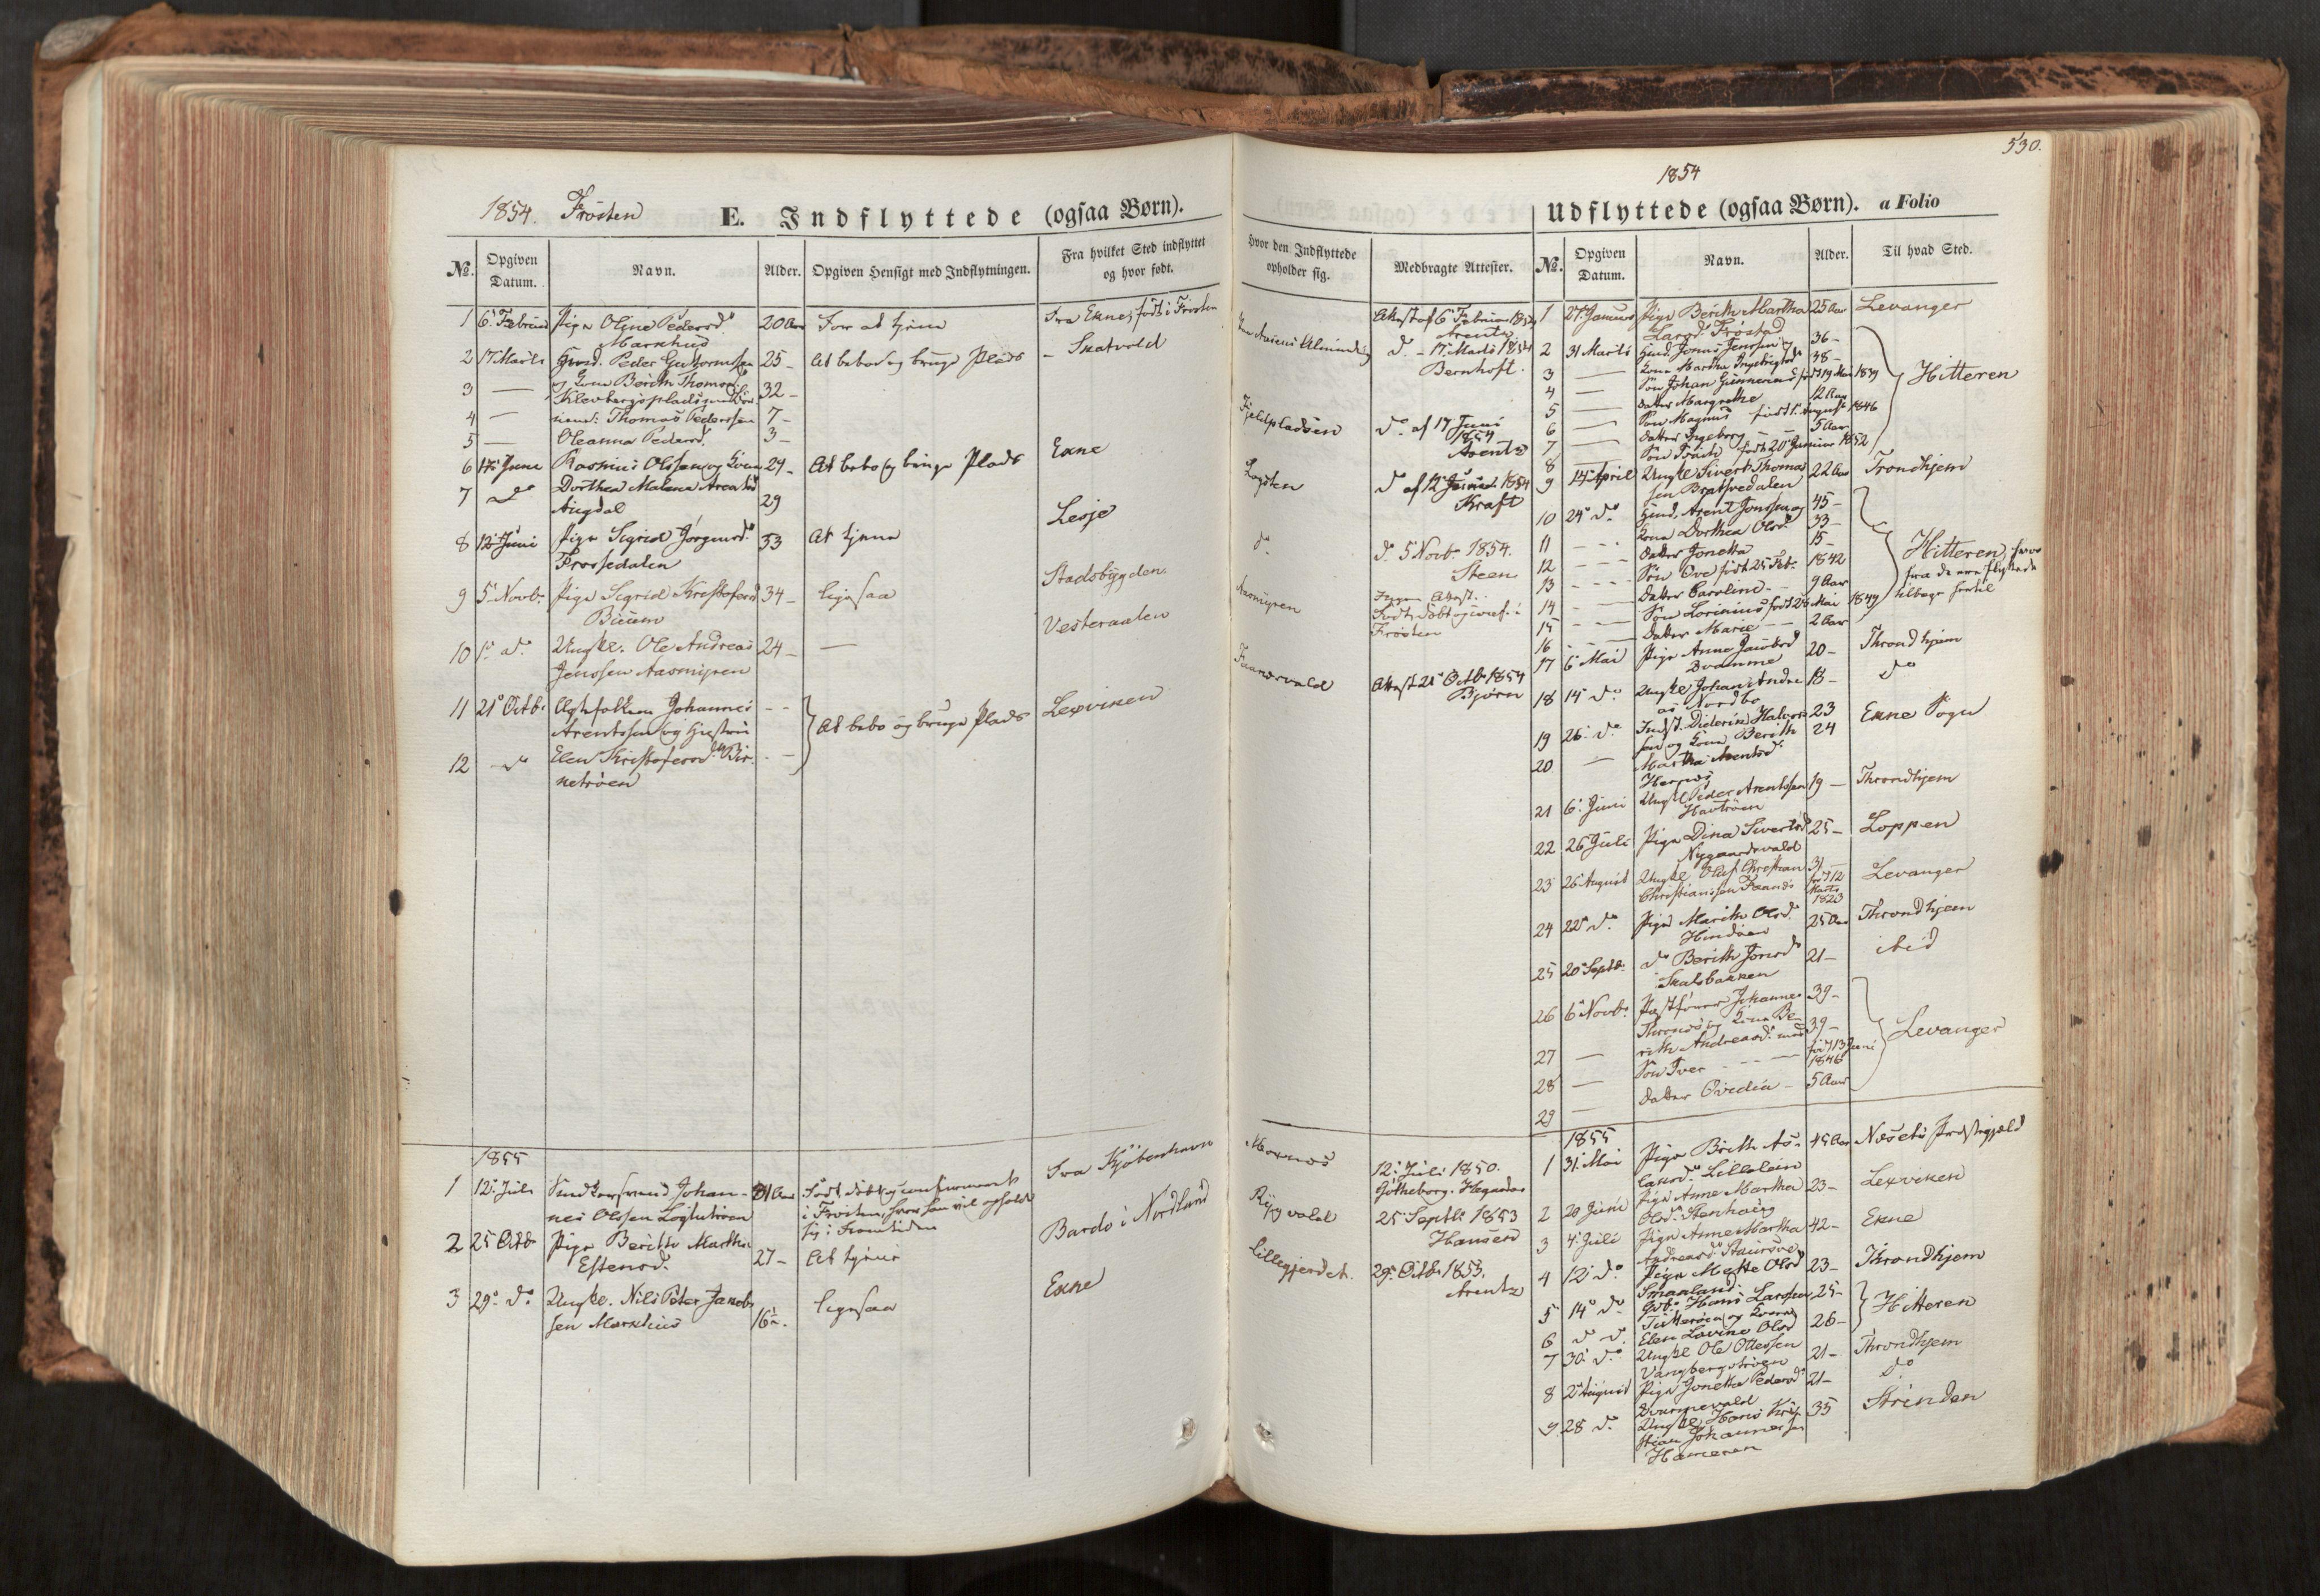 SAT, Ministerialprotokoller, klokkerbøker og fødselsregistre - Nord-Trøndelag, 713/L0116: Ministerialbok nr. 713A07, 1850-1877, s. 530